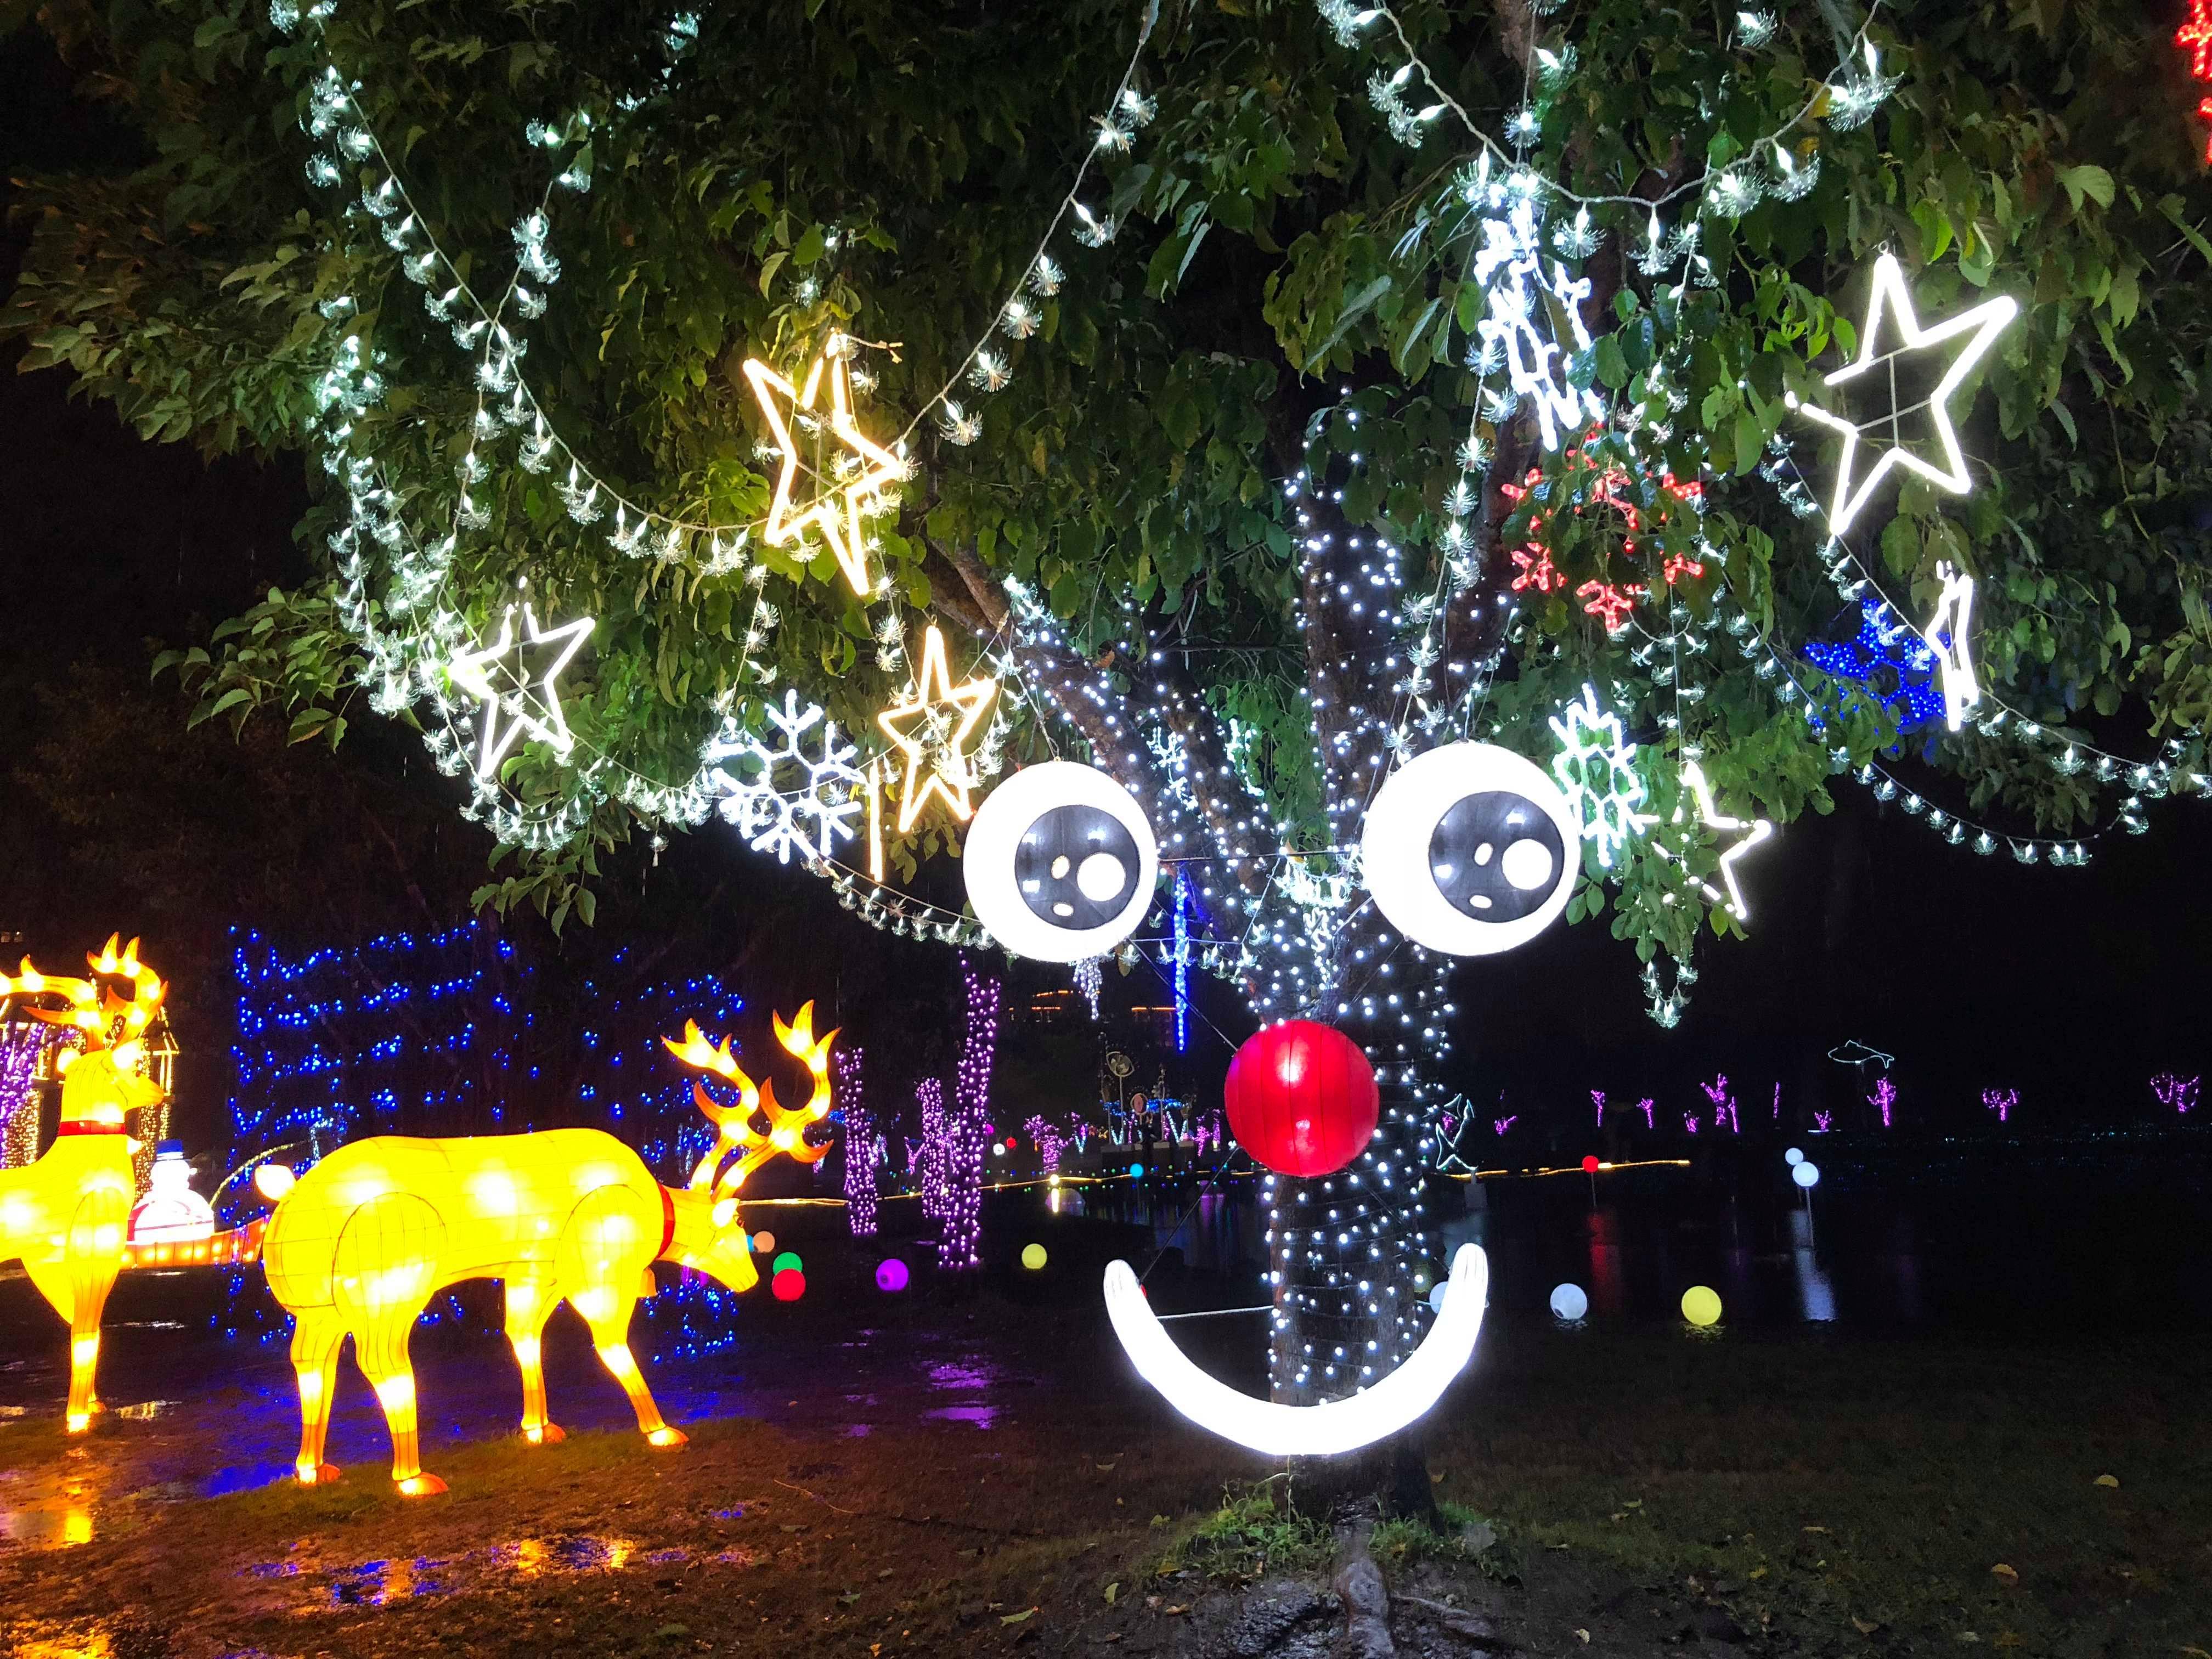 奇幻耶誕樹。圖片來自:本文作者KV